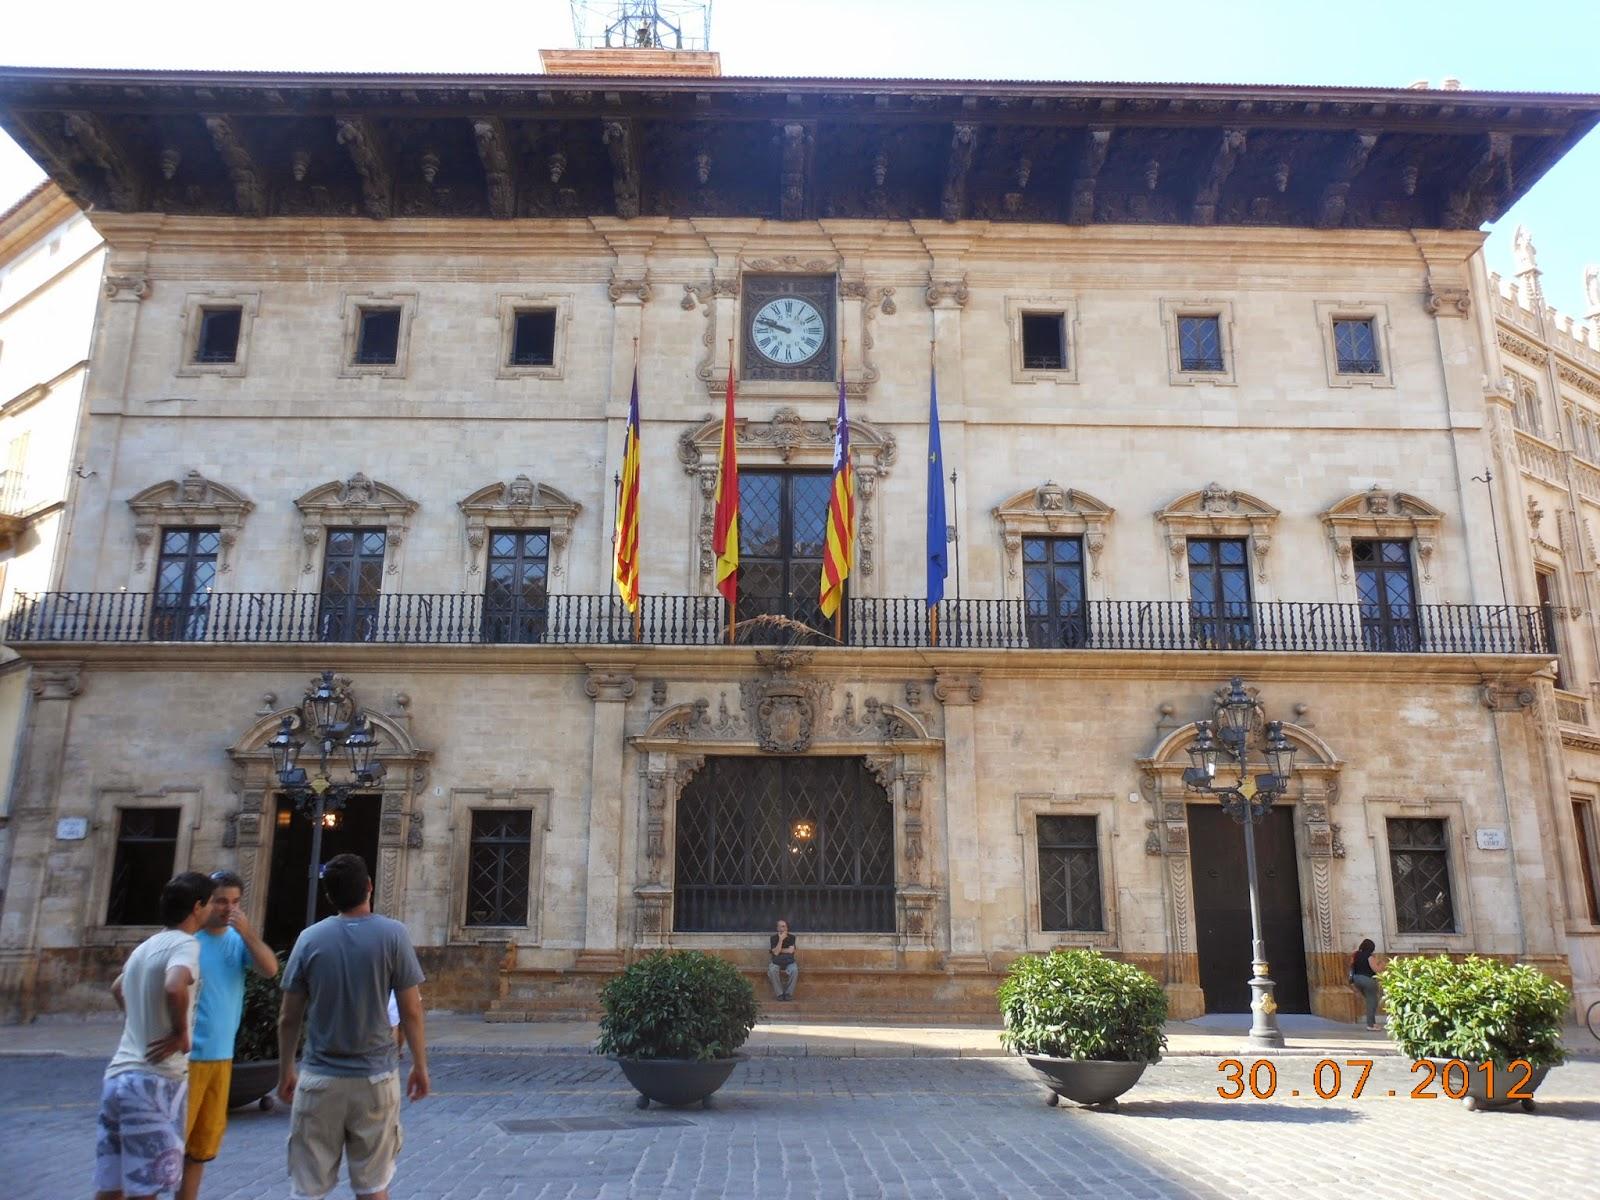 Prefeitura de Palma de Maiorca - Espanha